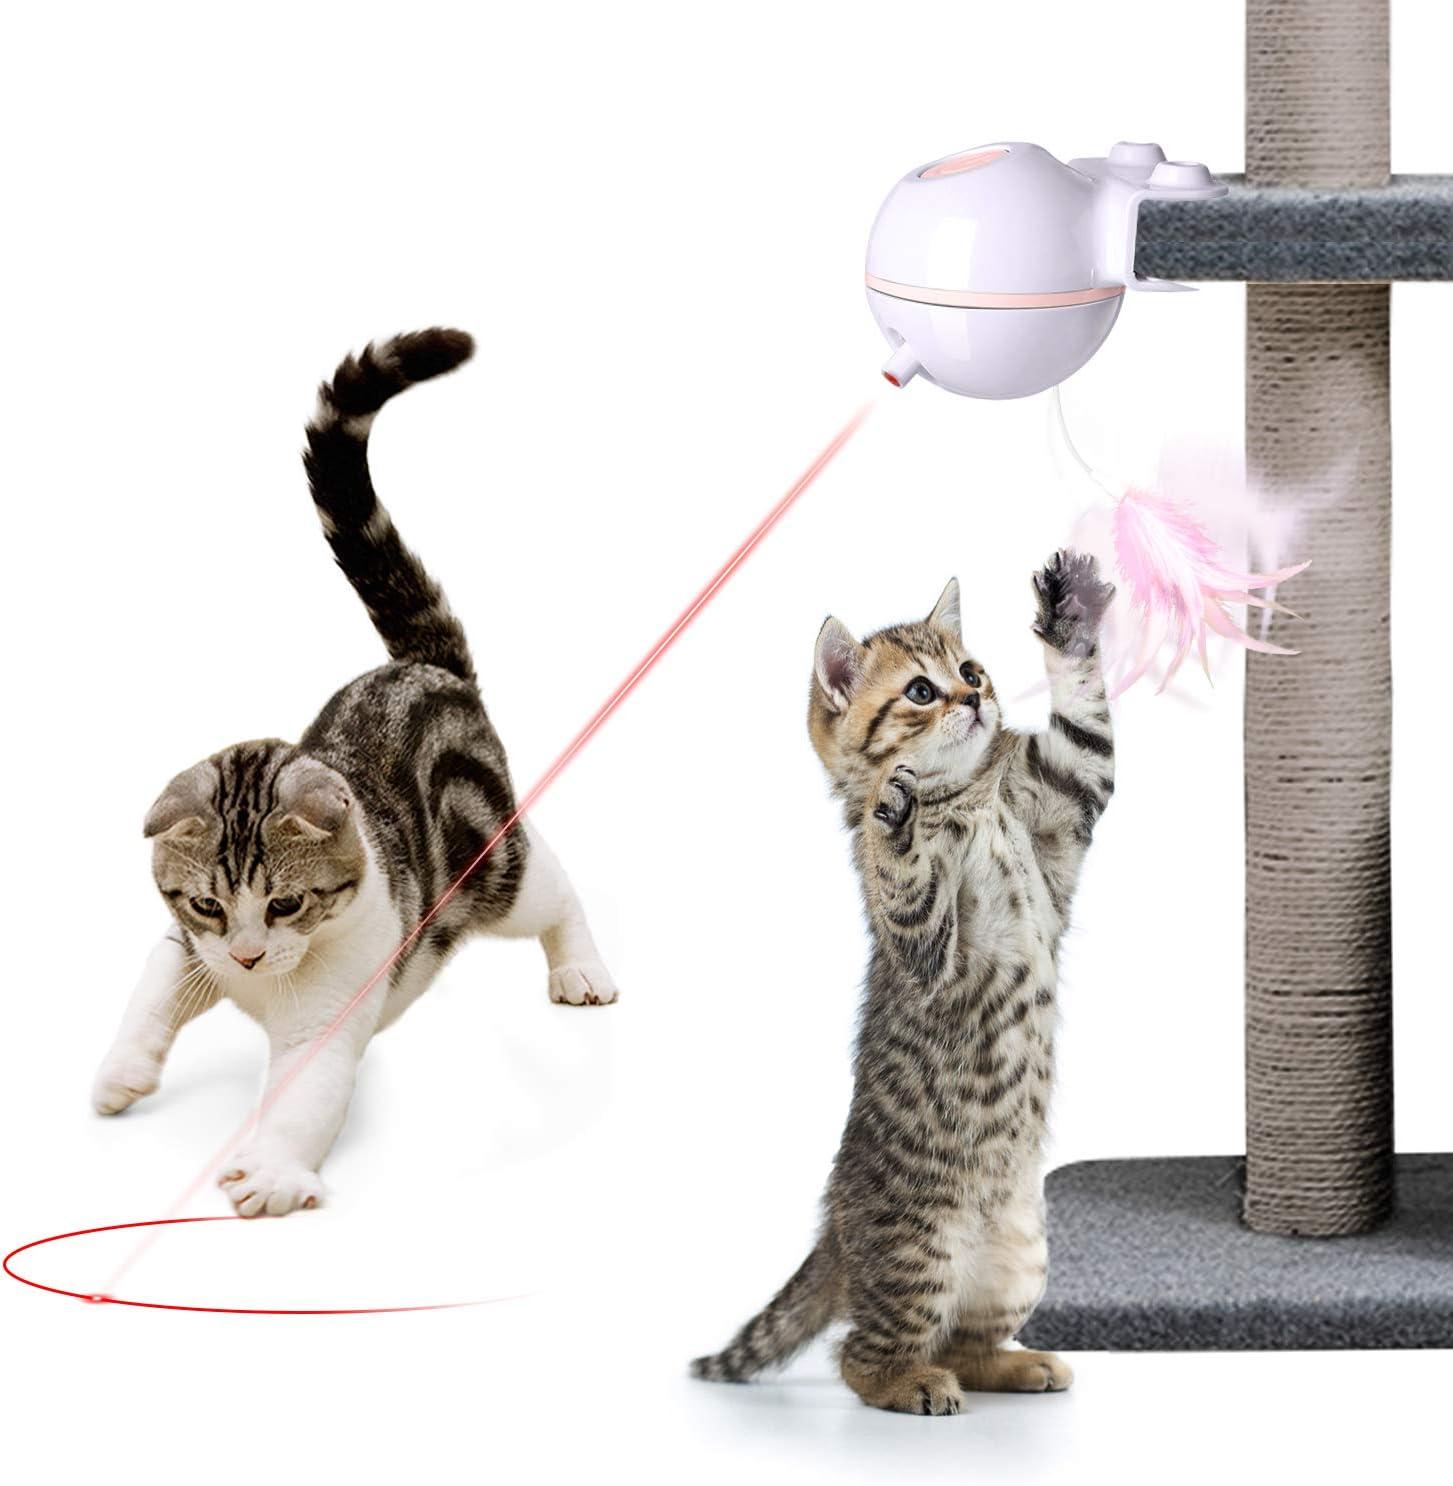 Nice Dream Juguetes para Gatos interactivos, USB Recargable Electrónico Juguete Gato, 2 en 1 Giratorio de 360 Grados con Bola y Plumas Juguetes Gatos para la Caza de Entrenamiento de Gatos (Rosado): Amazon.es: